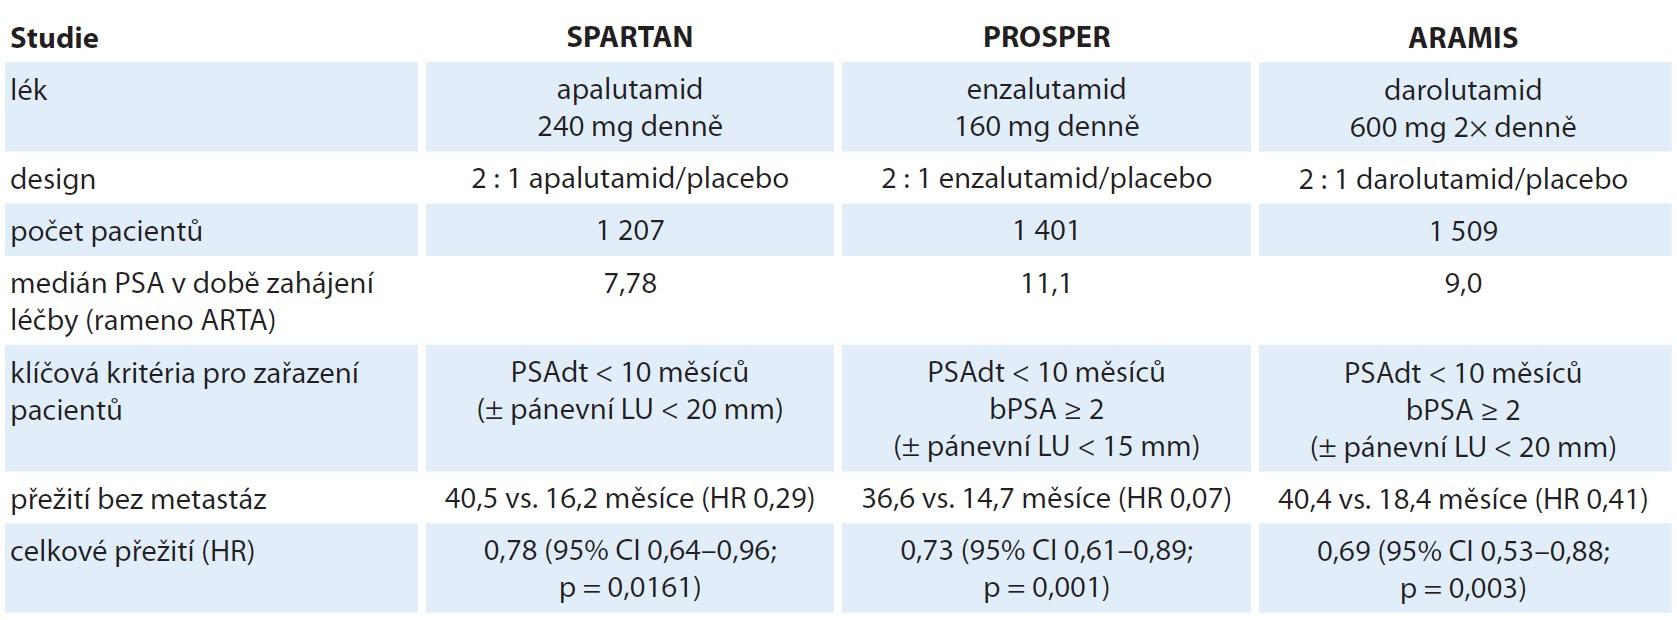 Shrnutí designu a výsledků randomizovaných klinických studií s léky cílenými na androgenový receptor u pacientů s nemetastatickým kastračně refrakterním karcinomem prostaty.